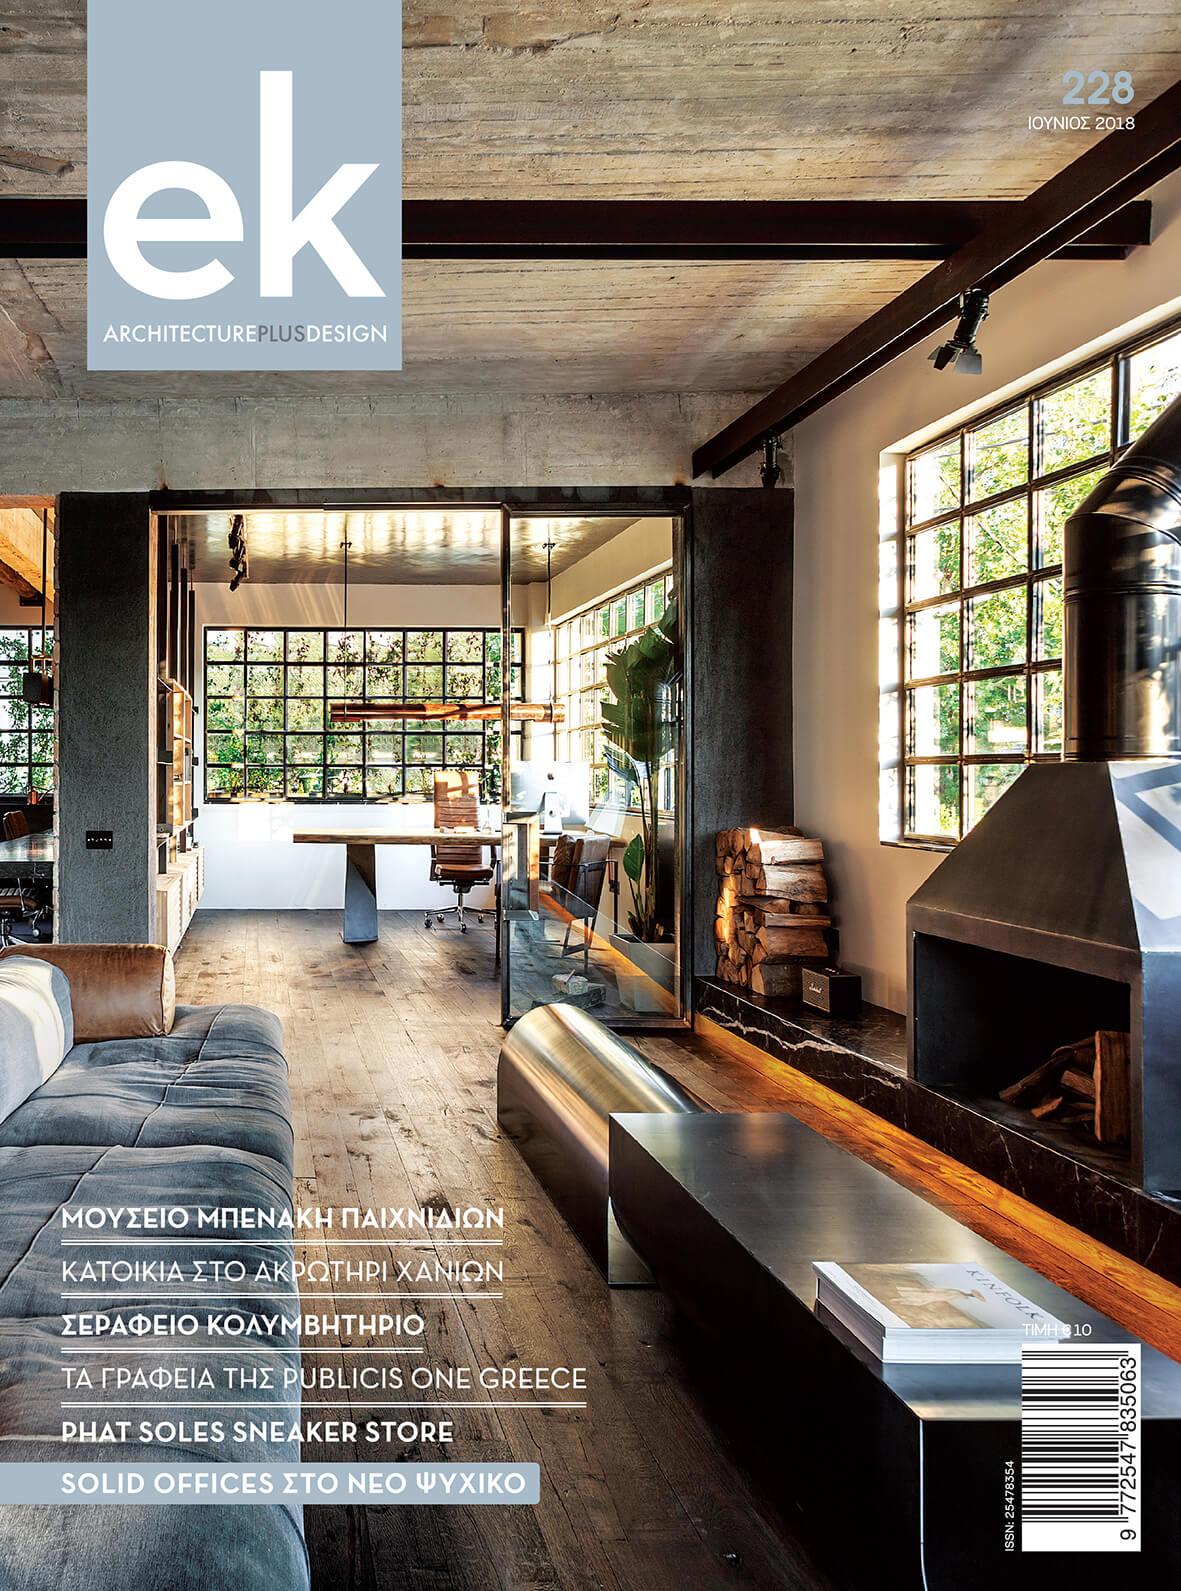 Ek Magazine 228 June 2018